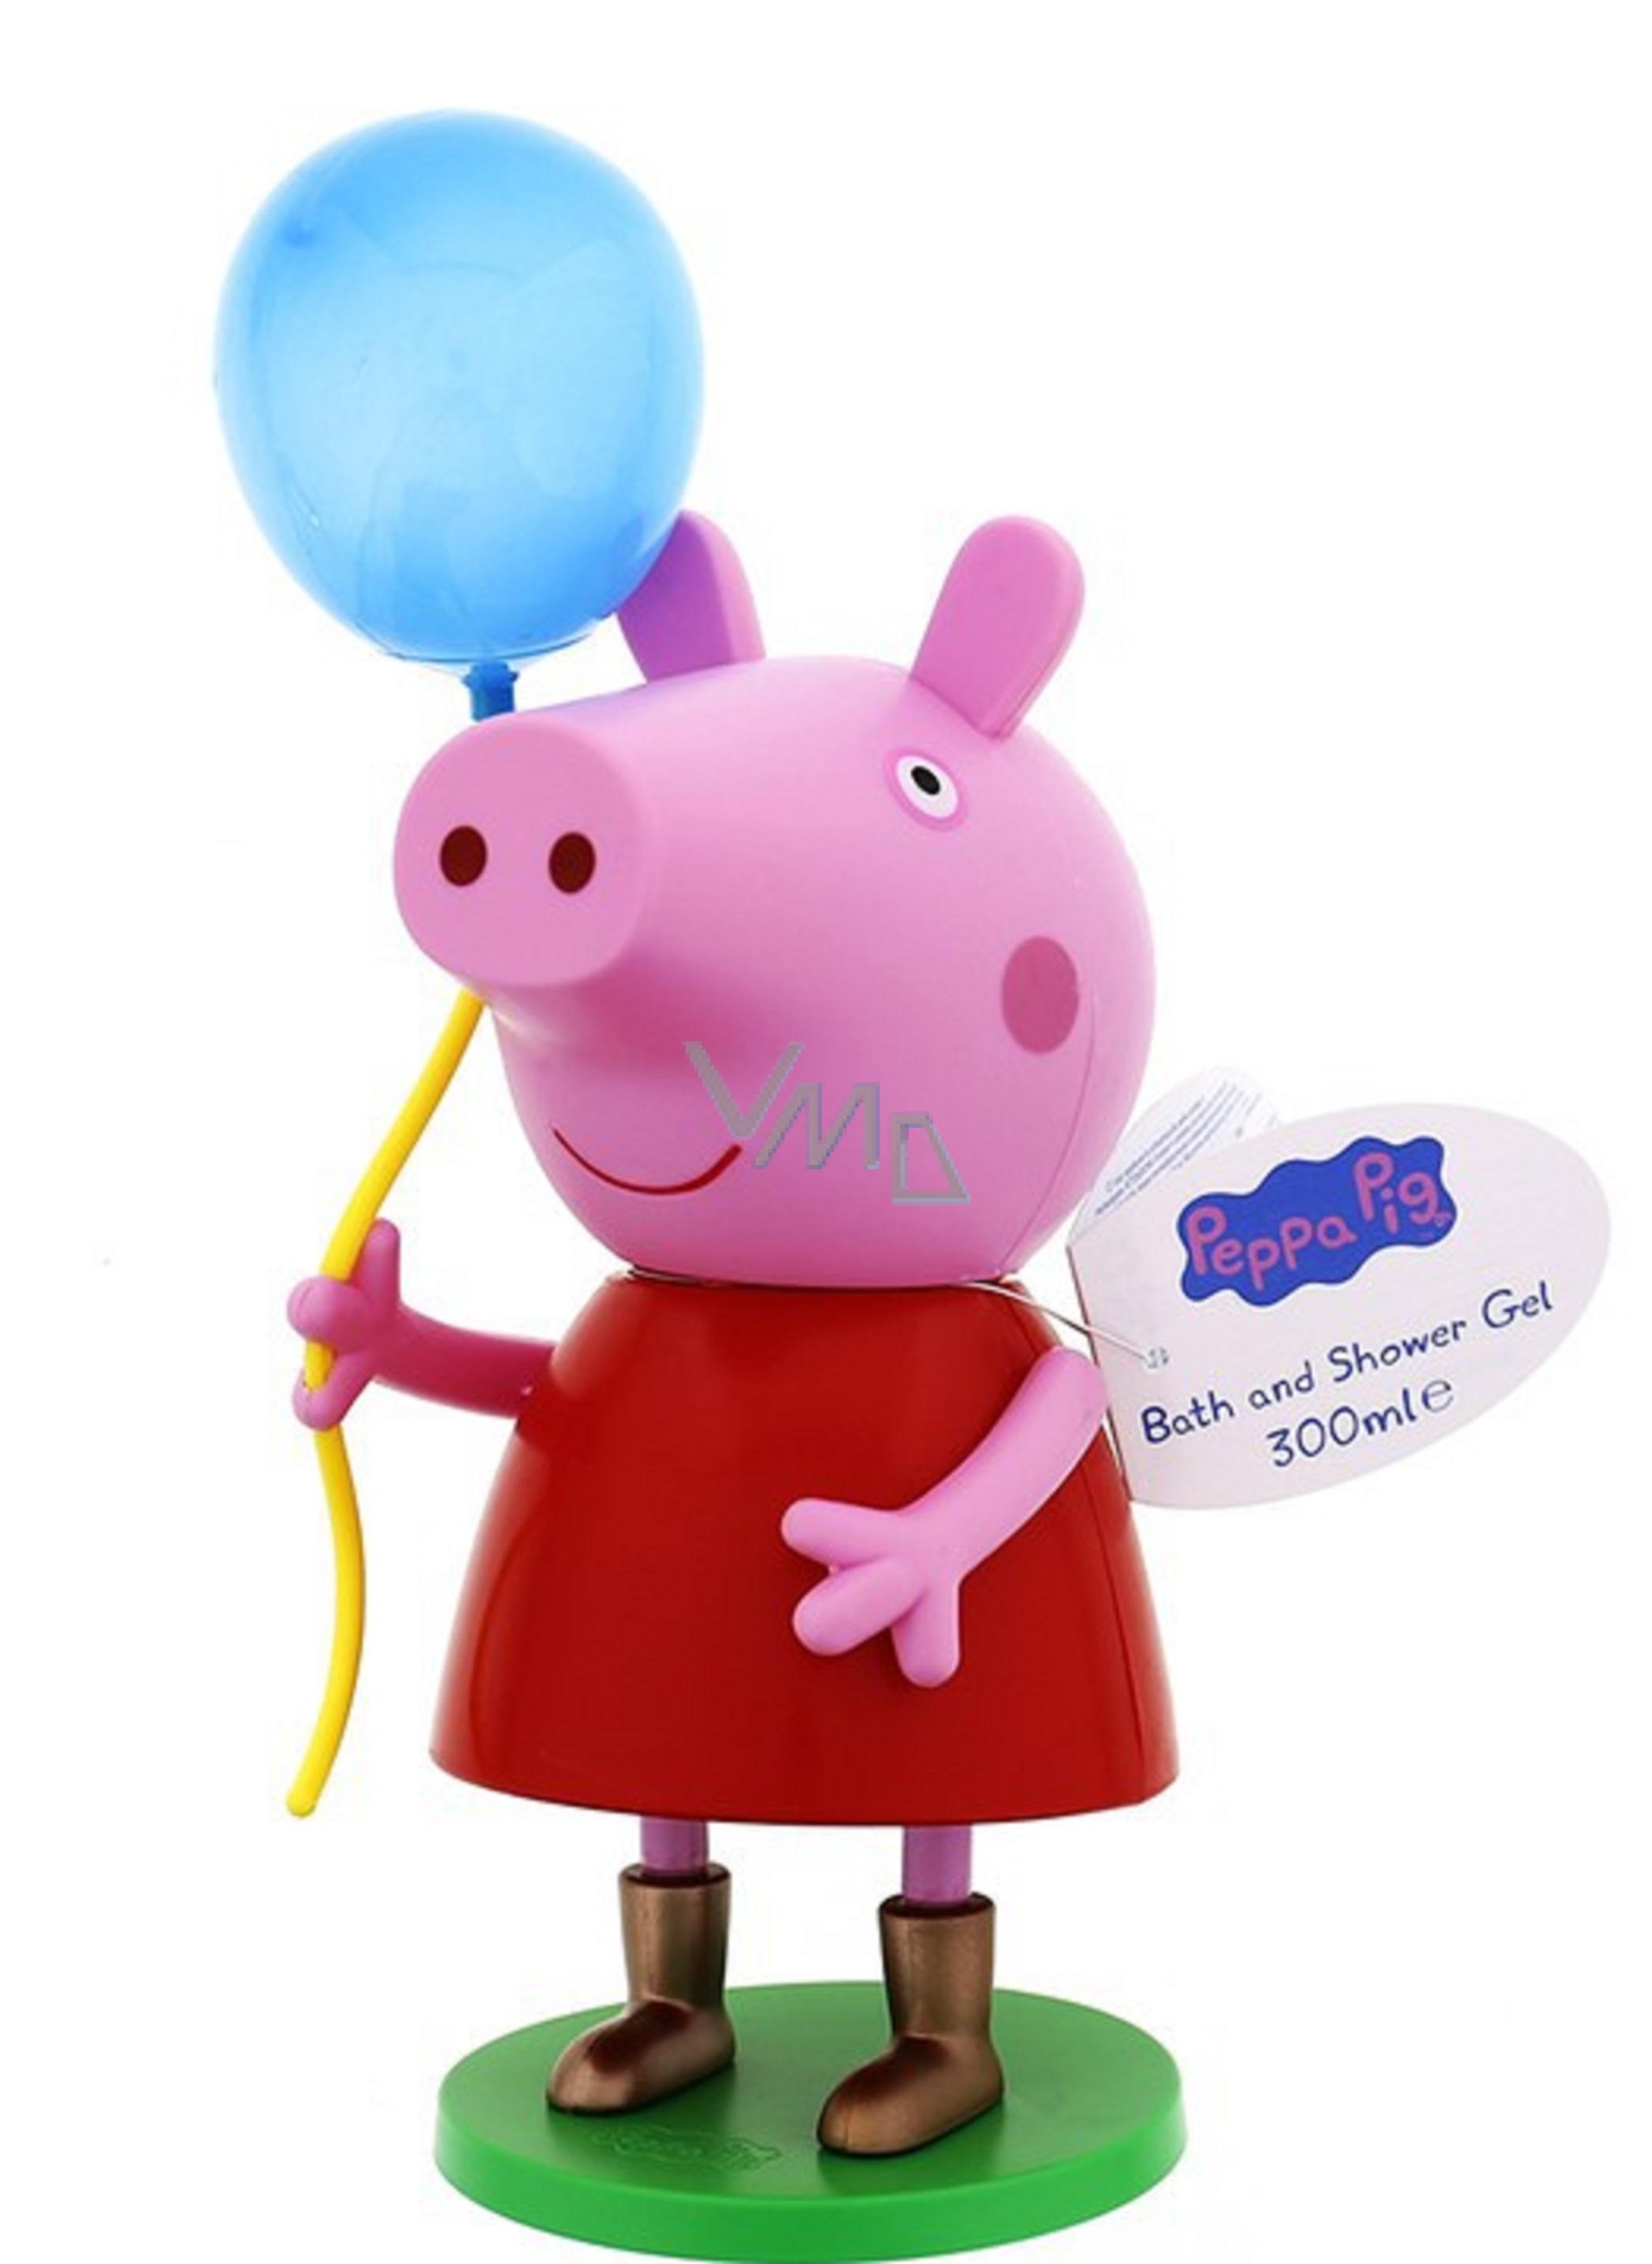 Peppa Pig 3d Figurka Balloon Shower Gel 300 Ml Ext 8 2016